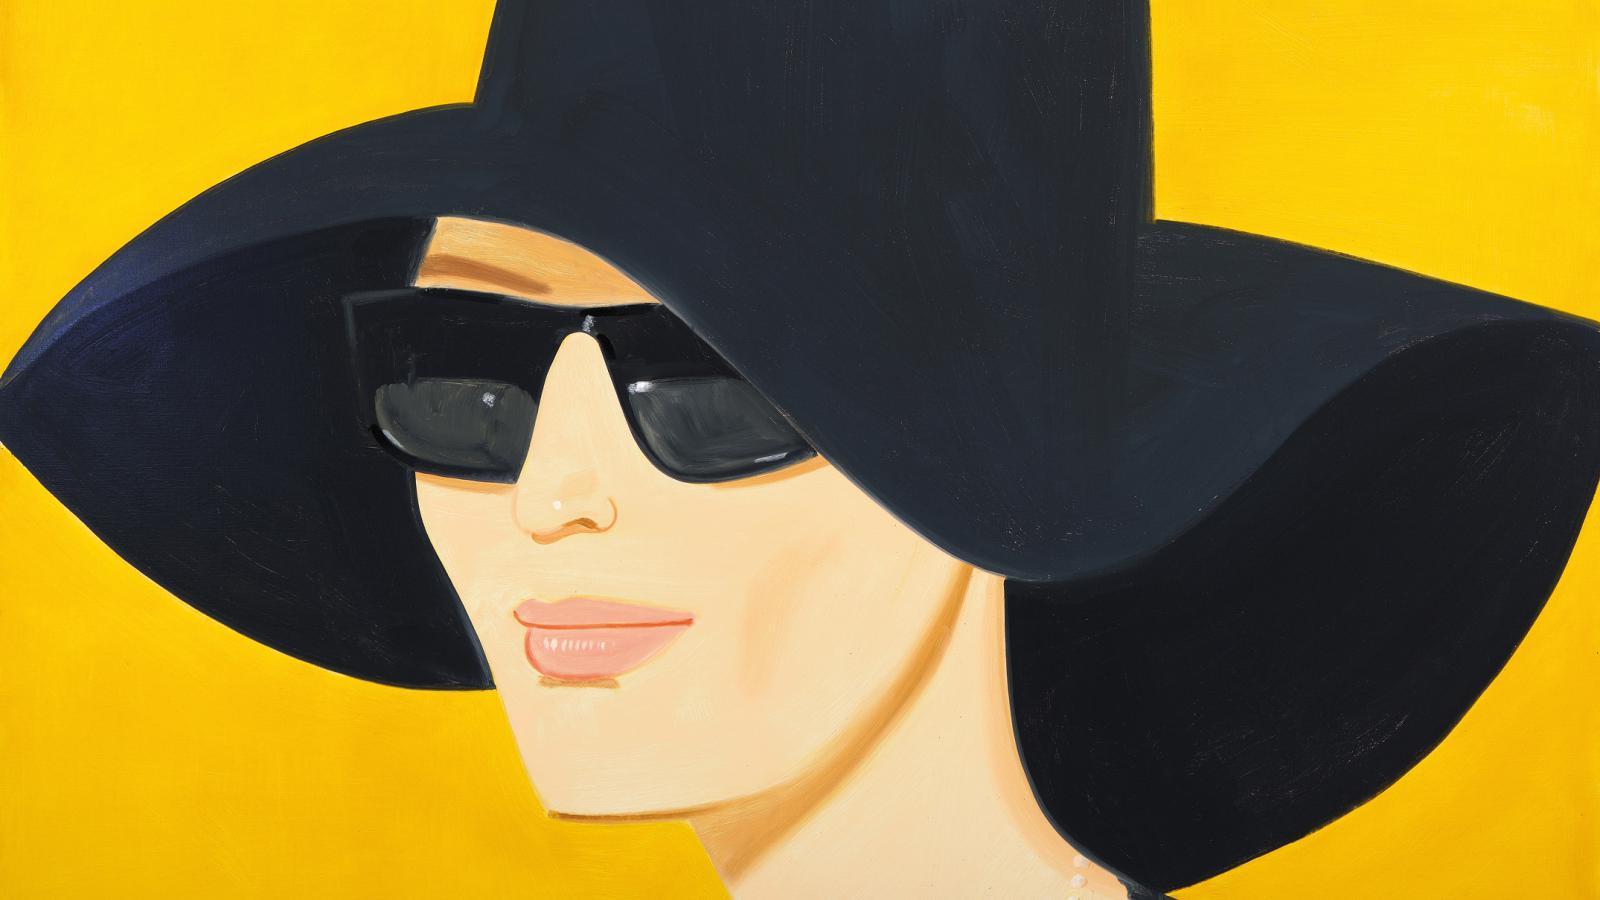 Andy Warhol / Černý klobouk 2, 2010